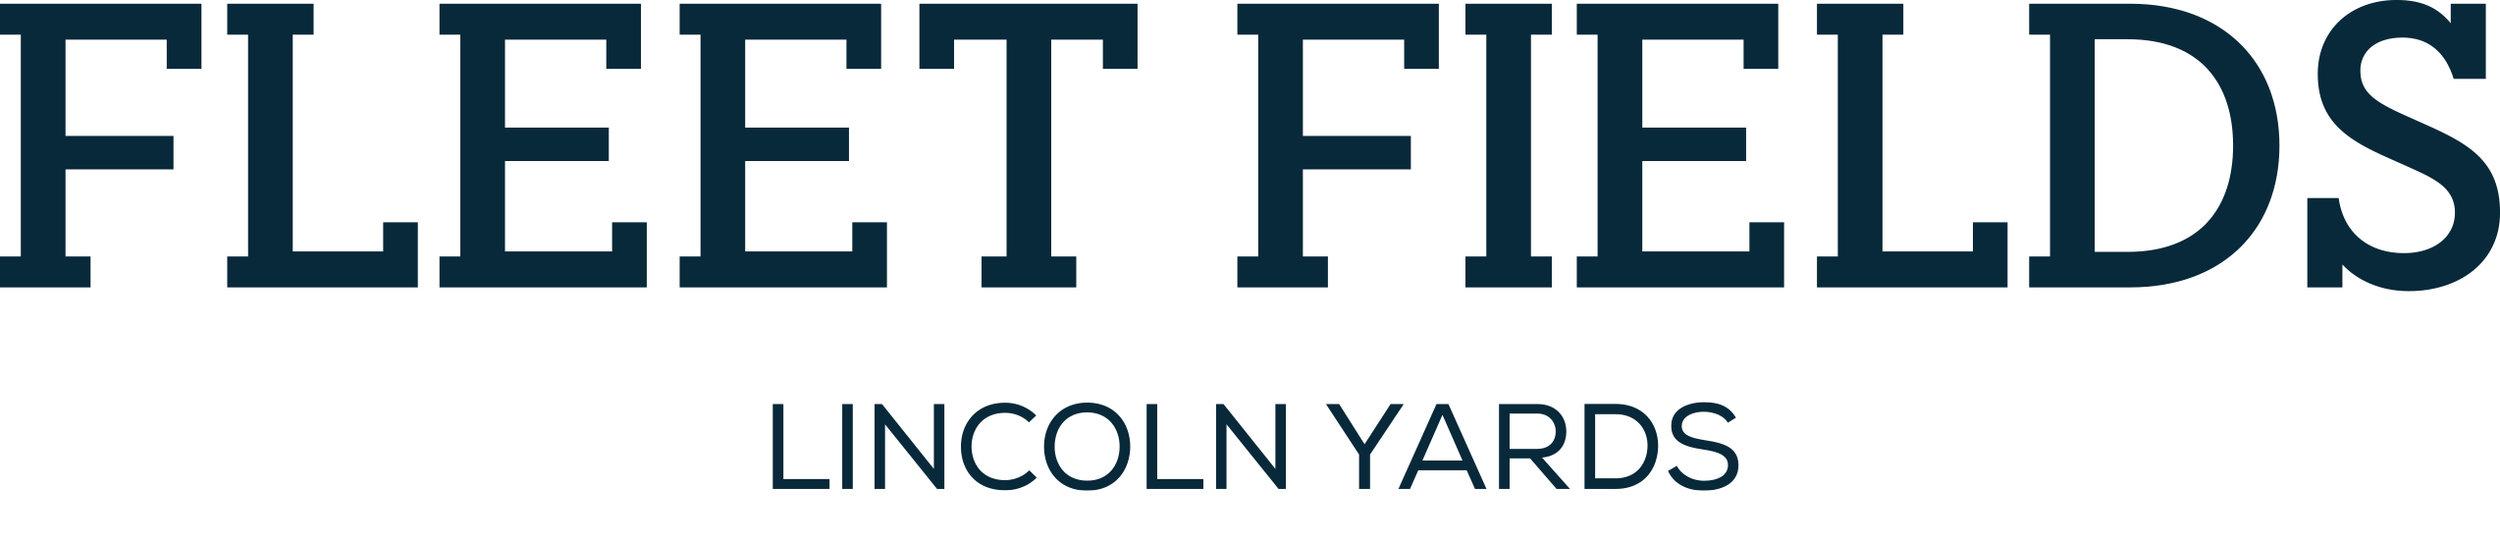 FleetFields Logo1.jpg